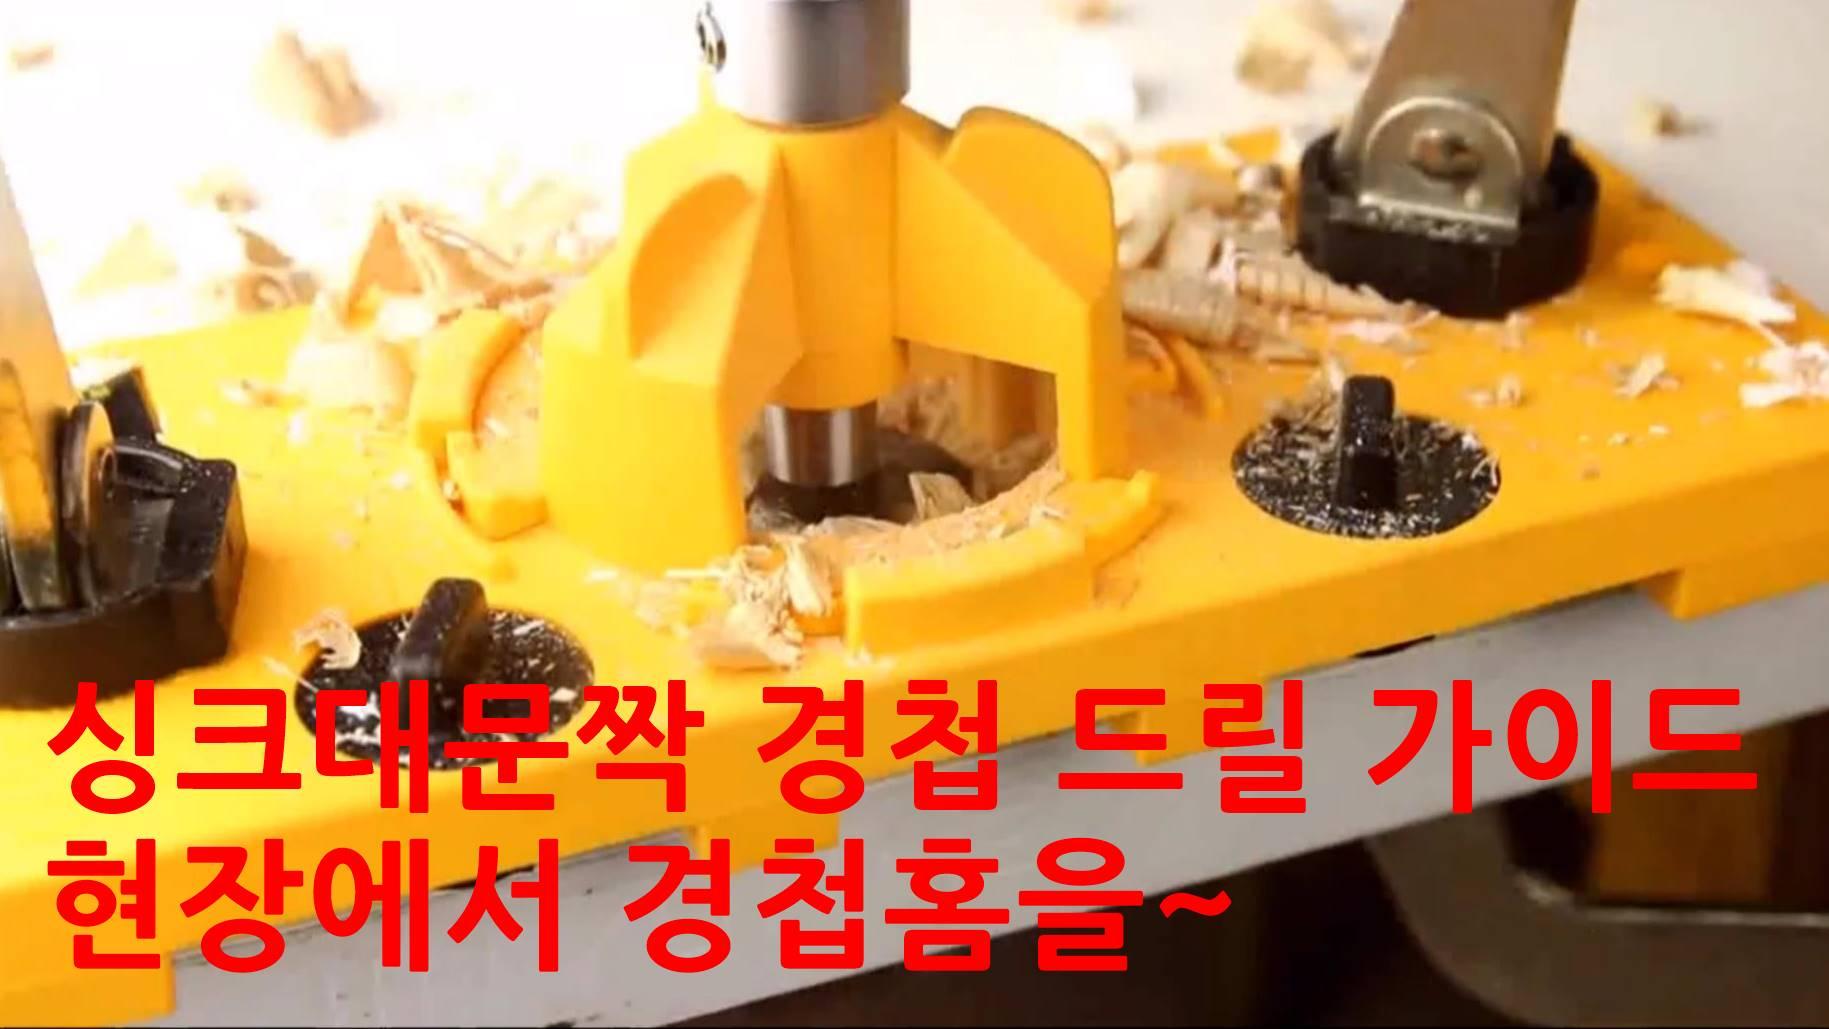 싱크대 문짝 경첩홈 가공을 쉽게하는 보조공구를 소개 합니다~